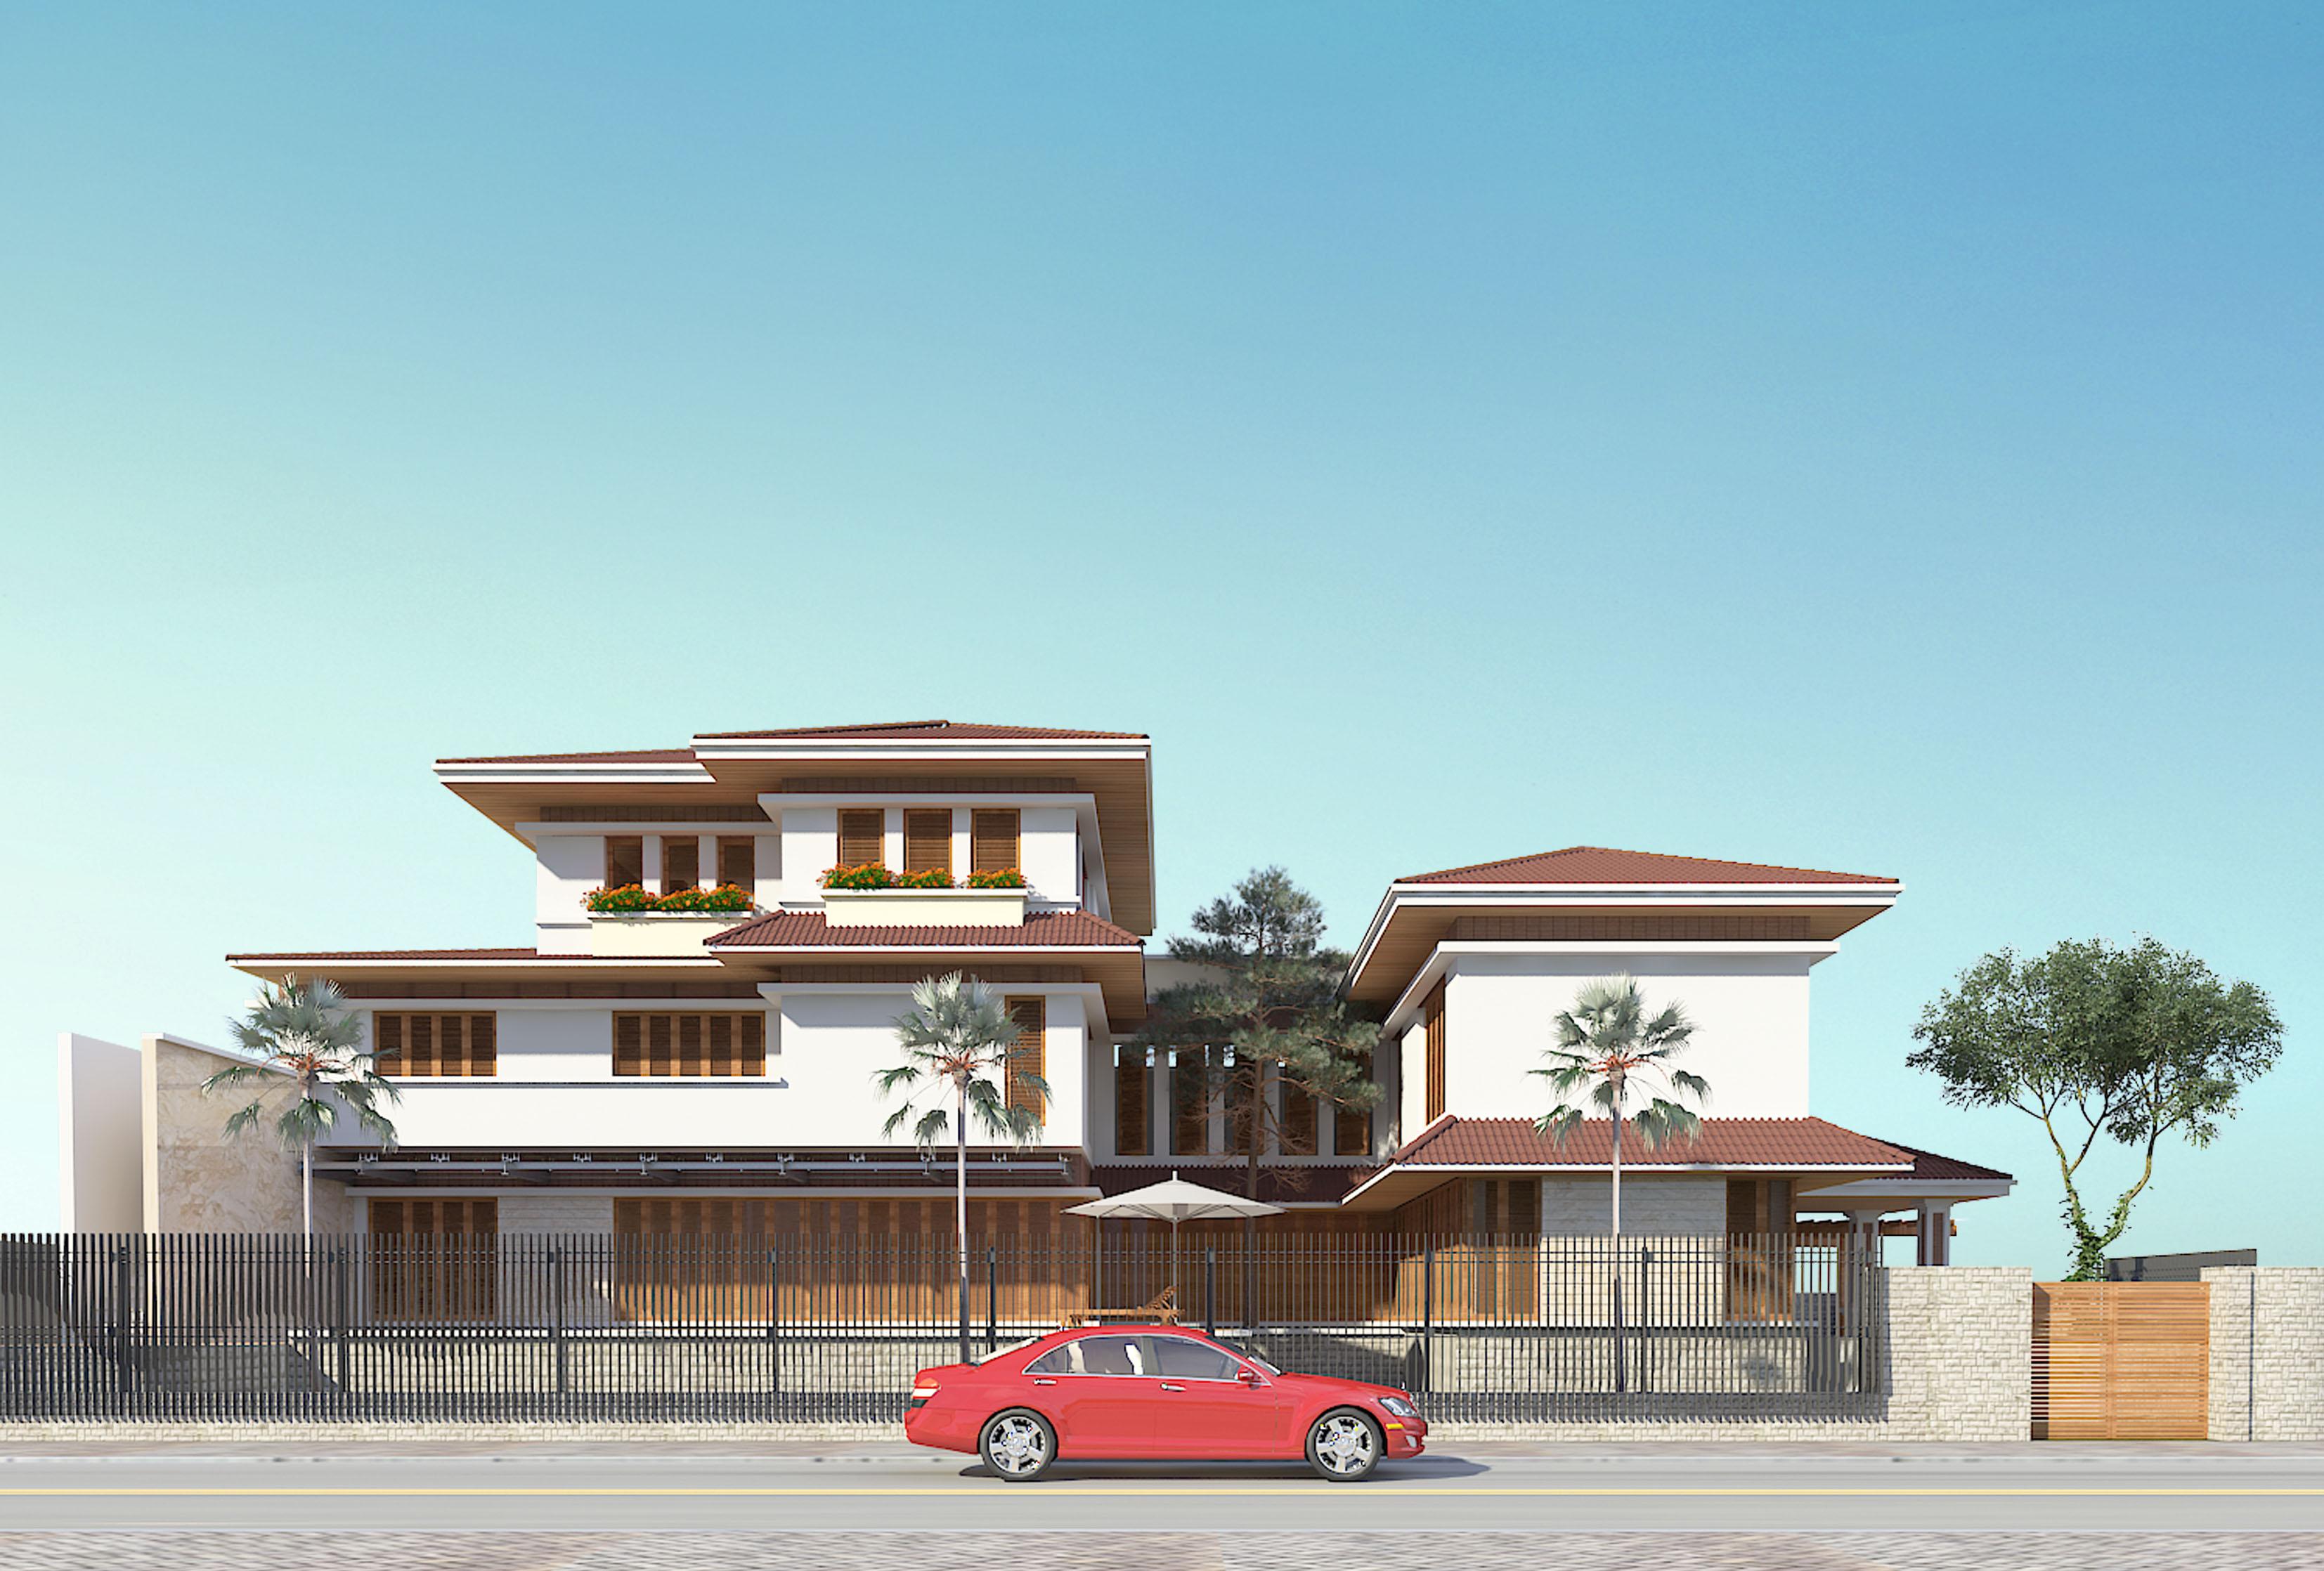 Biệt thự 3 tầng mái thái đẹp hình ảnh - phối cảnh 2 - BT121 (nguồn : maunhadep902)